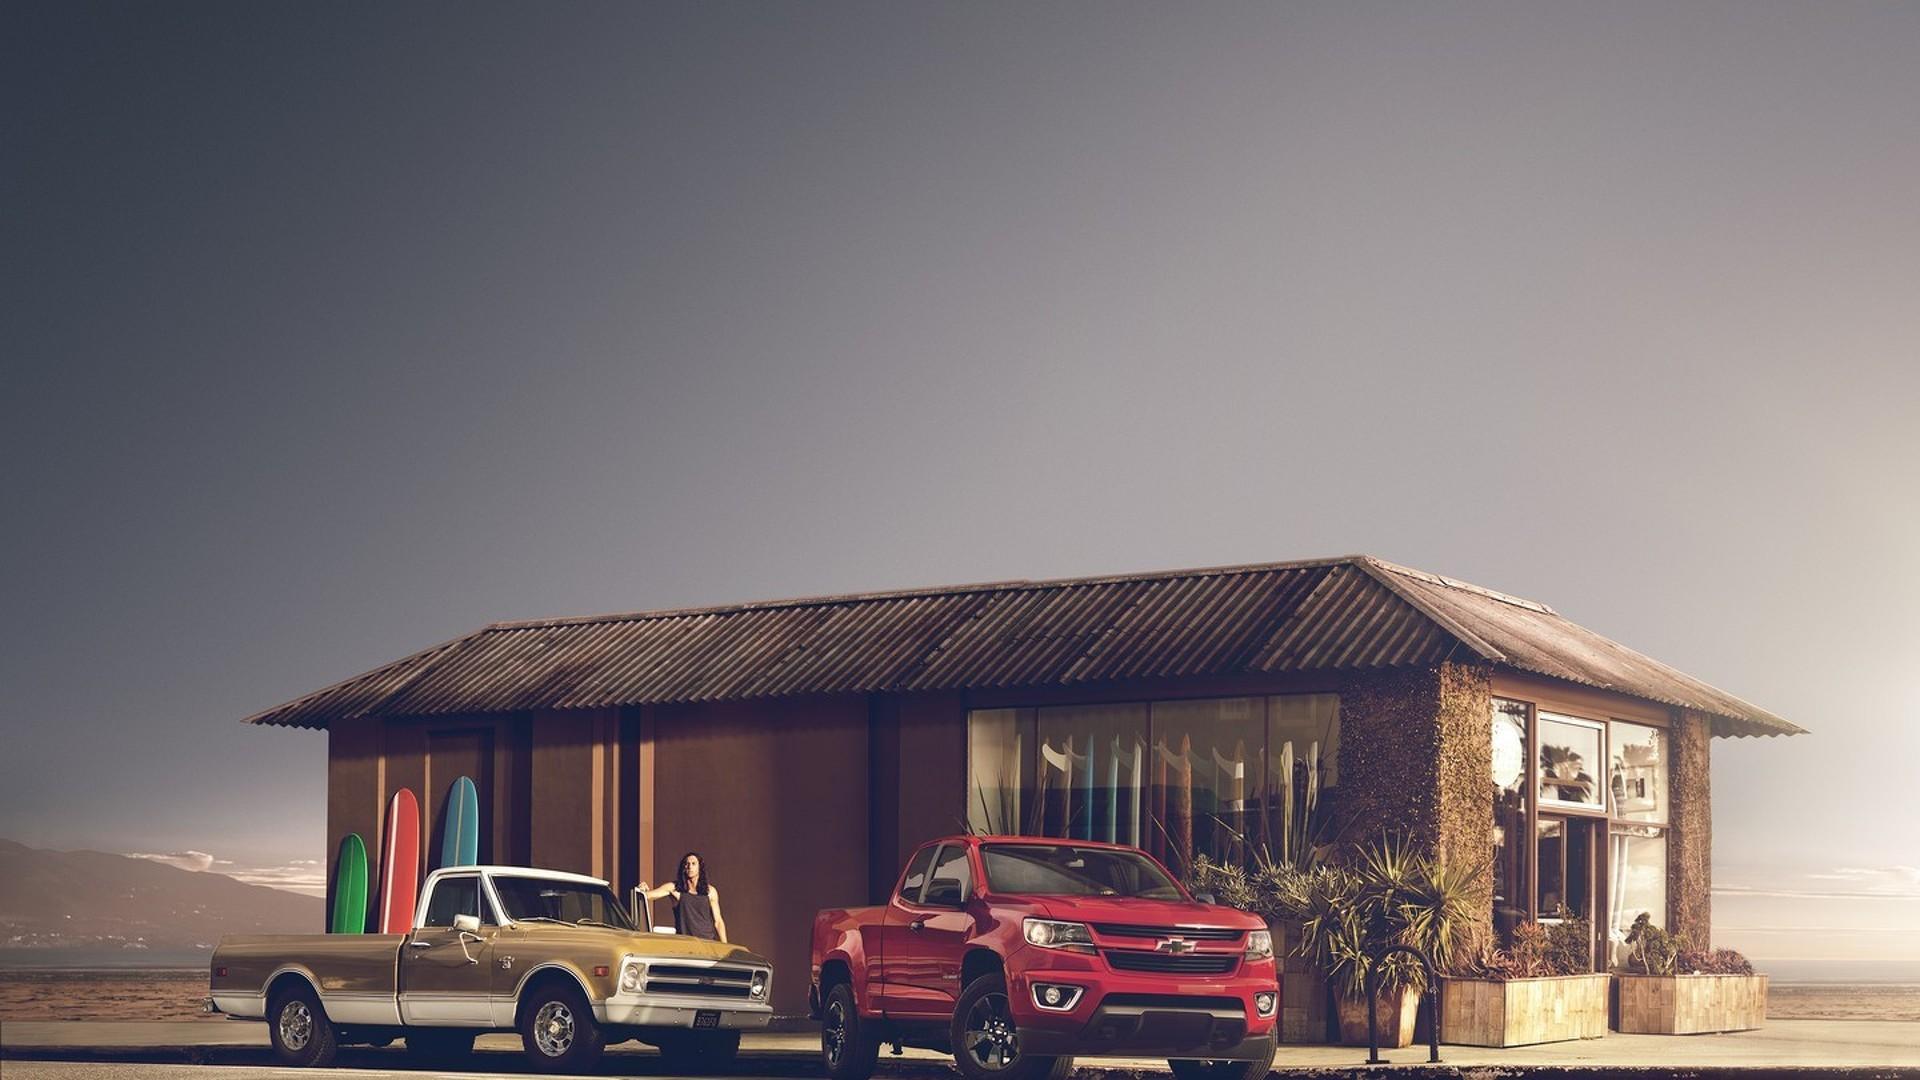 2017 Chevy Colorado Shoreline introduced with visual tweaks